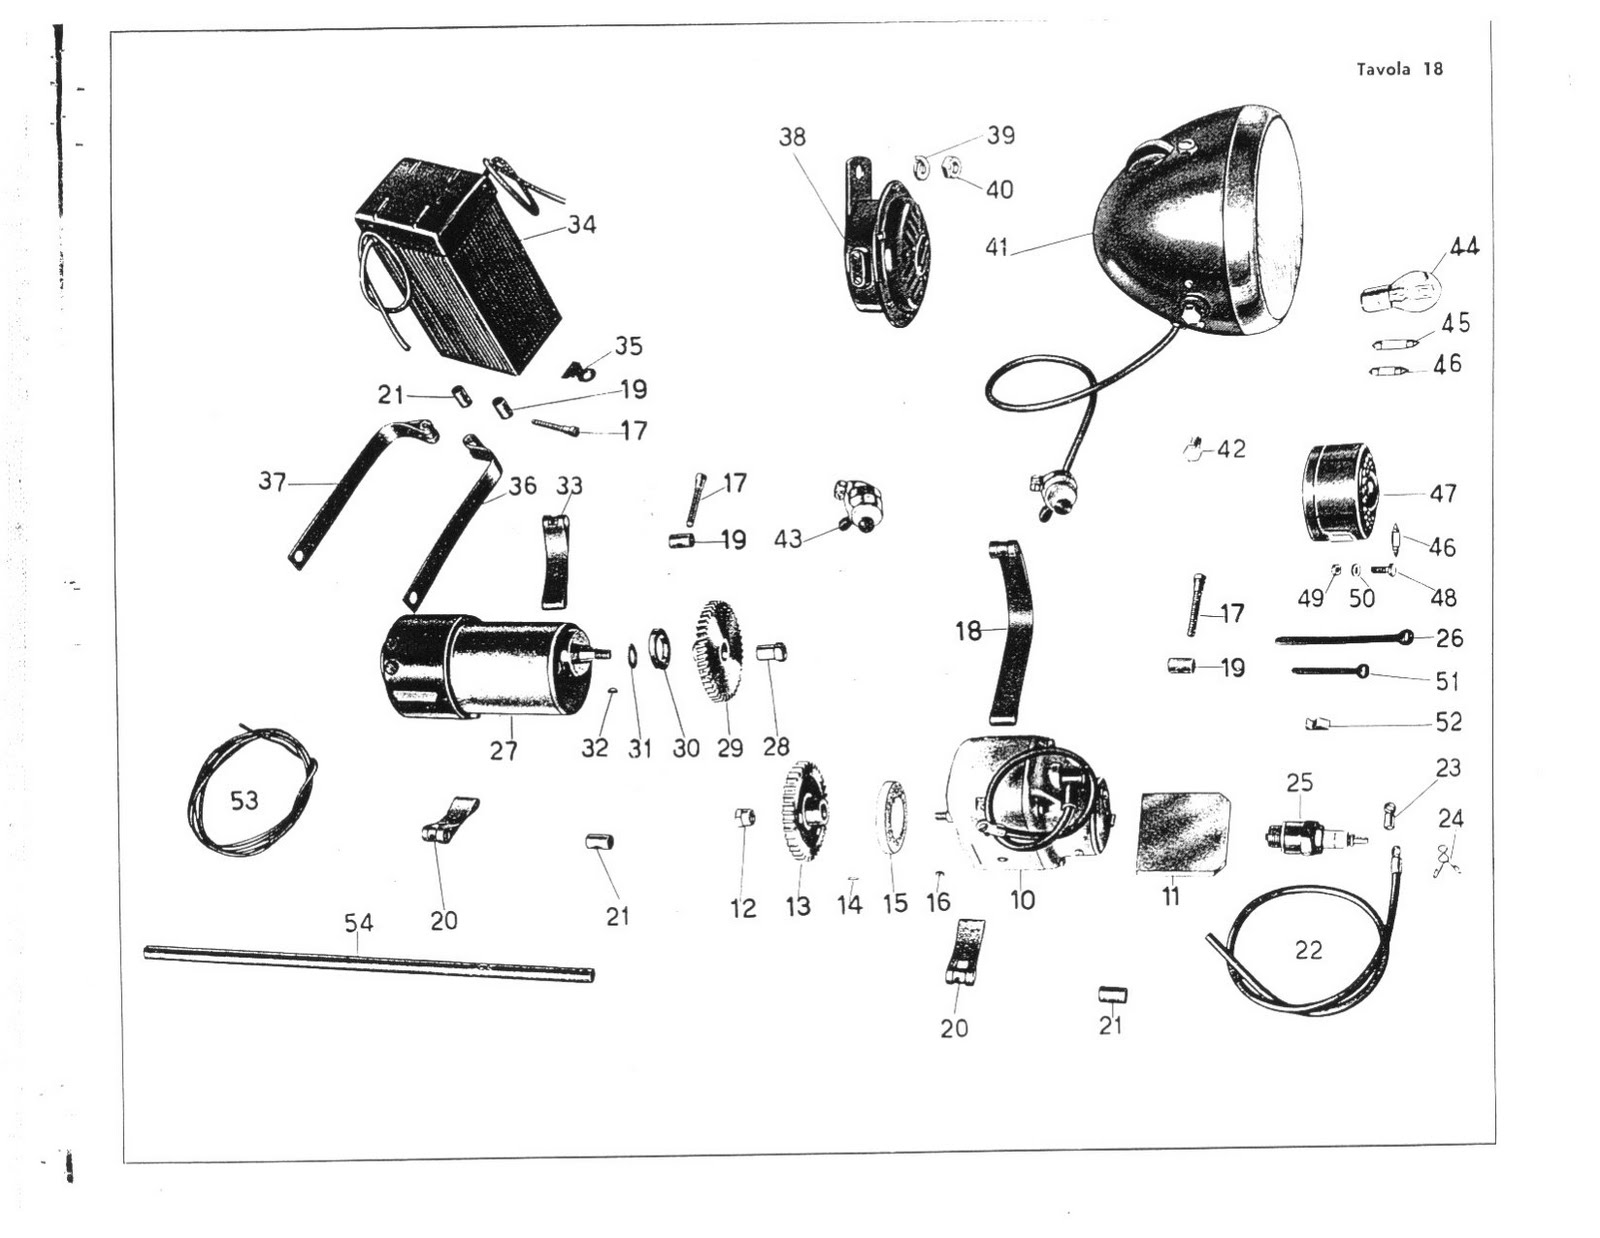 moto guzzi super alce restoration  electrics and dynamo